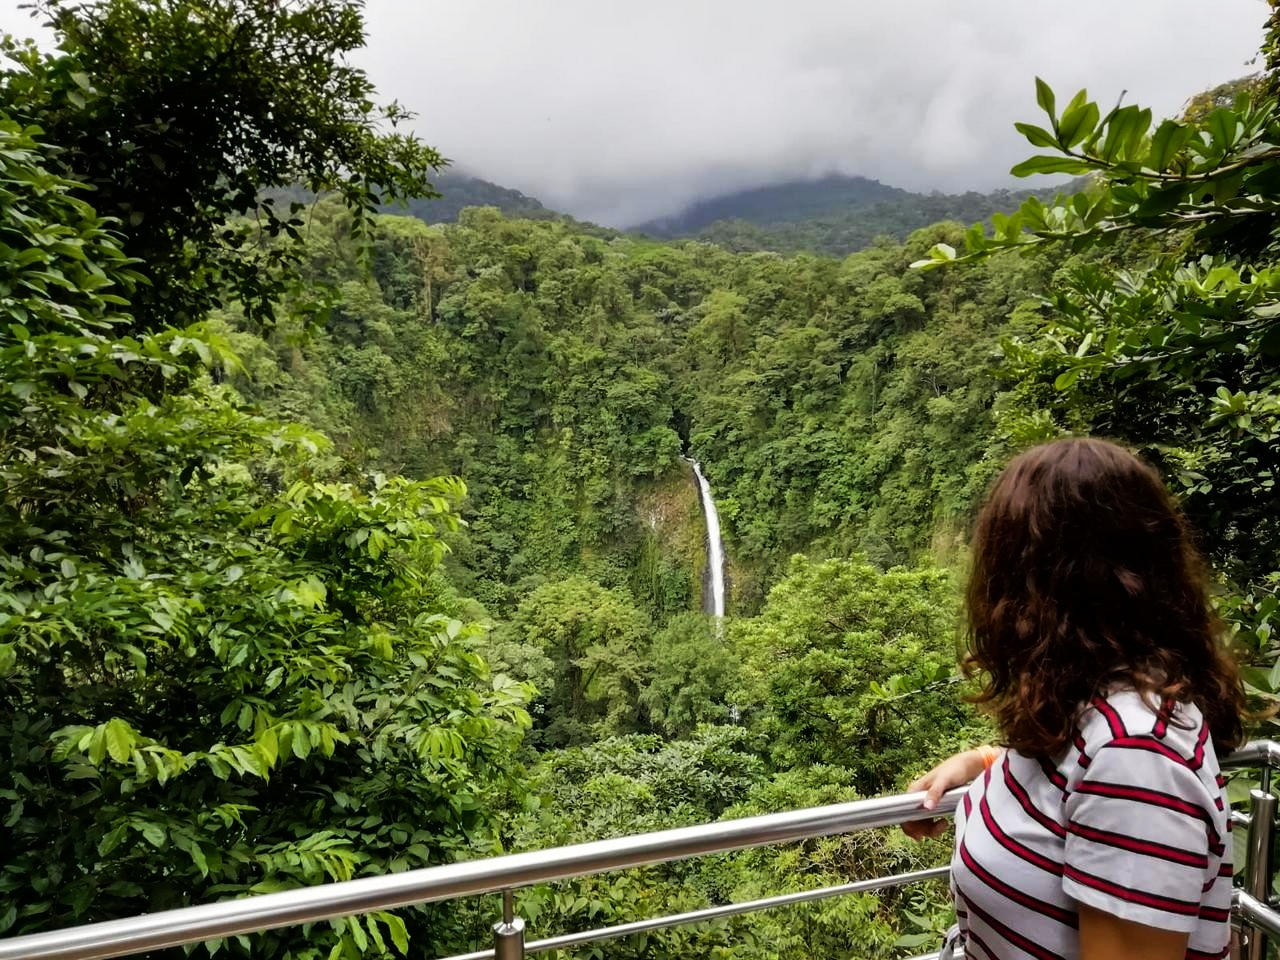 Visitando la Catarata de La Fortuna.